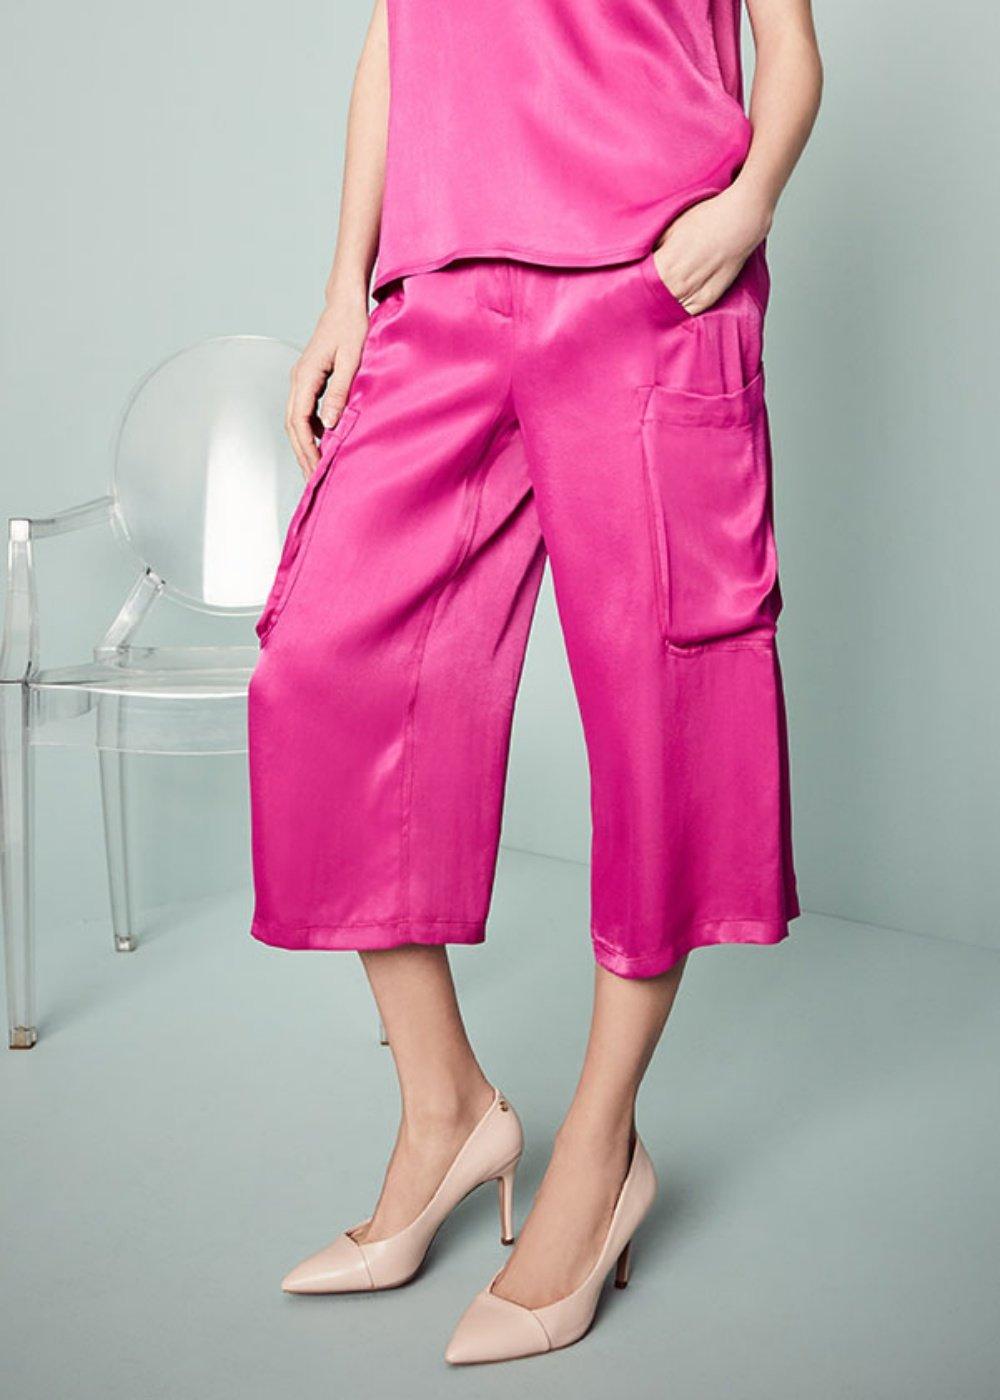 Pierrot capri pants with side pockets - Rasberry - Woman